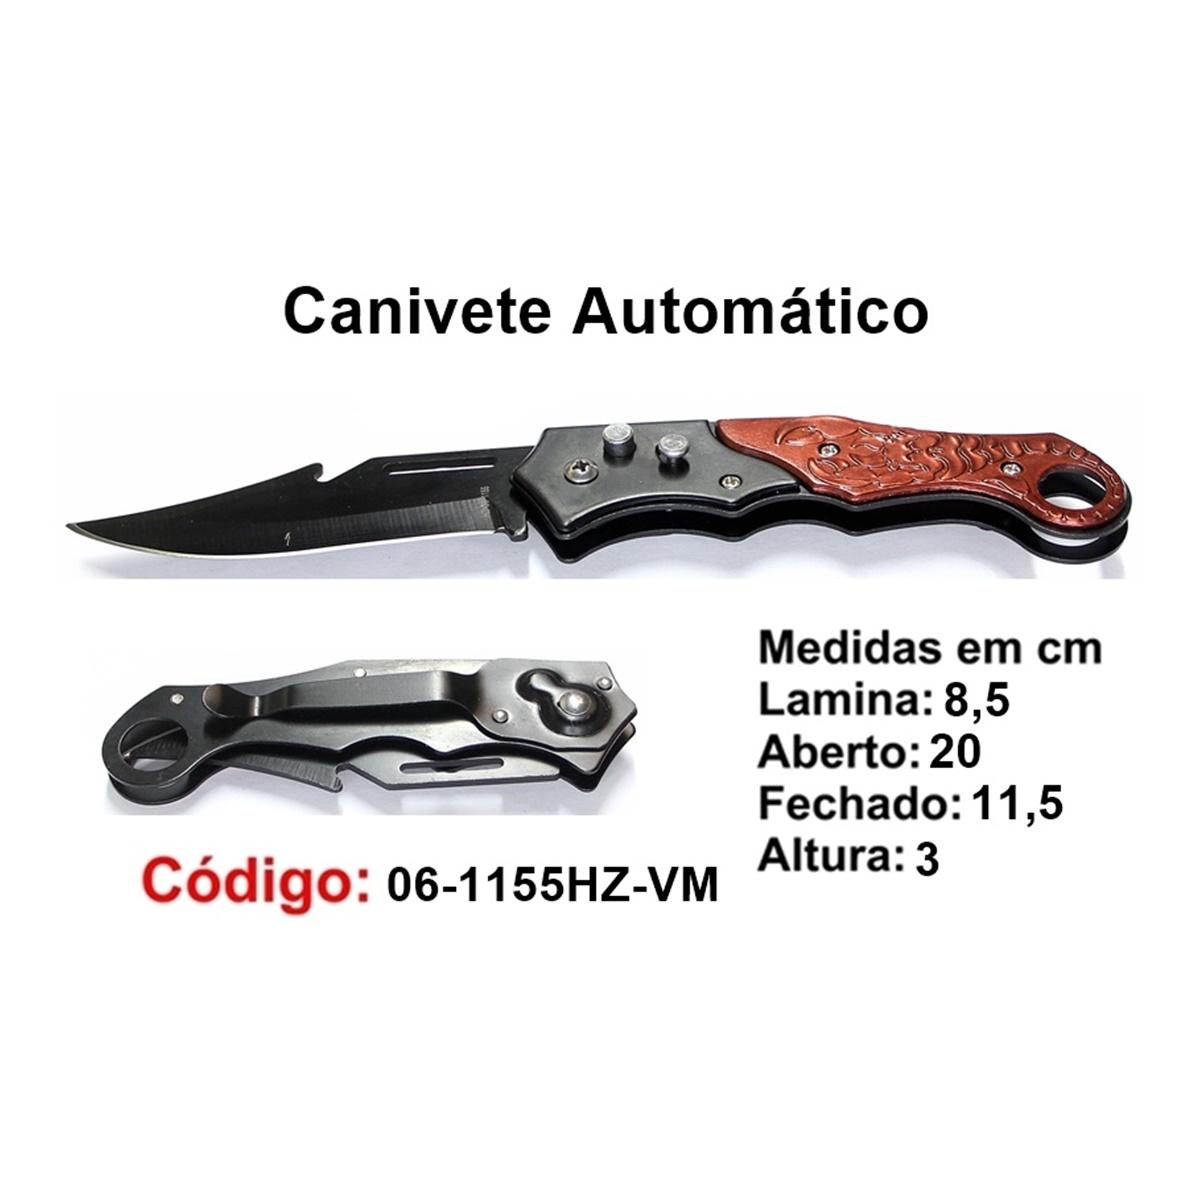 Canivete Esportivo Automático Caça Pesca Etc. 06-1155HZ-VM